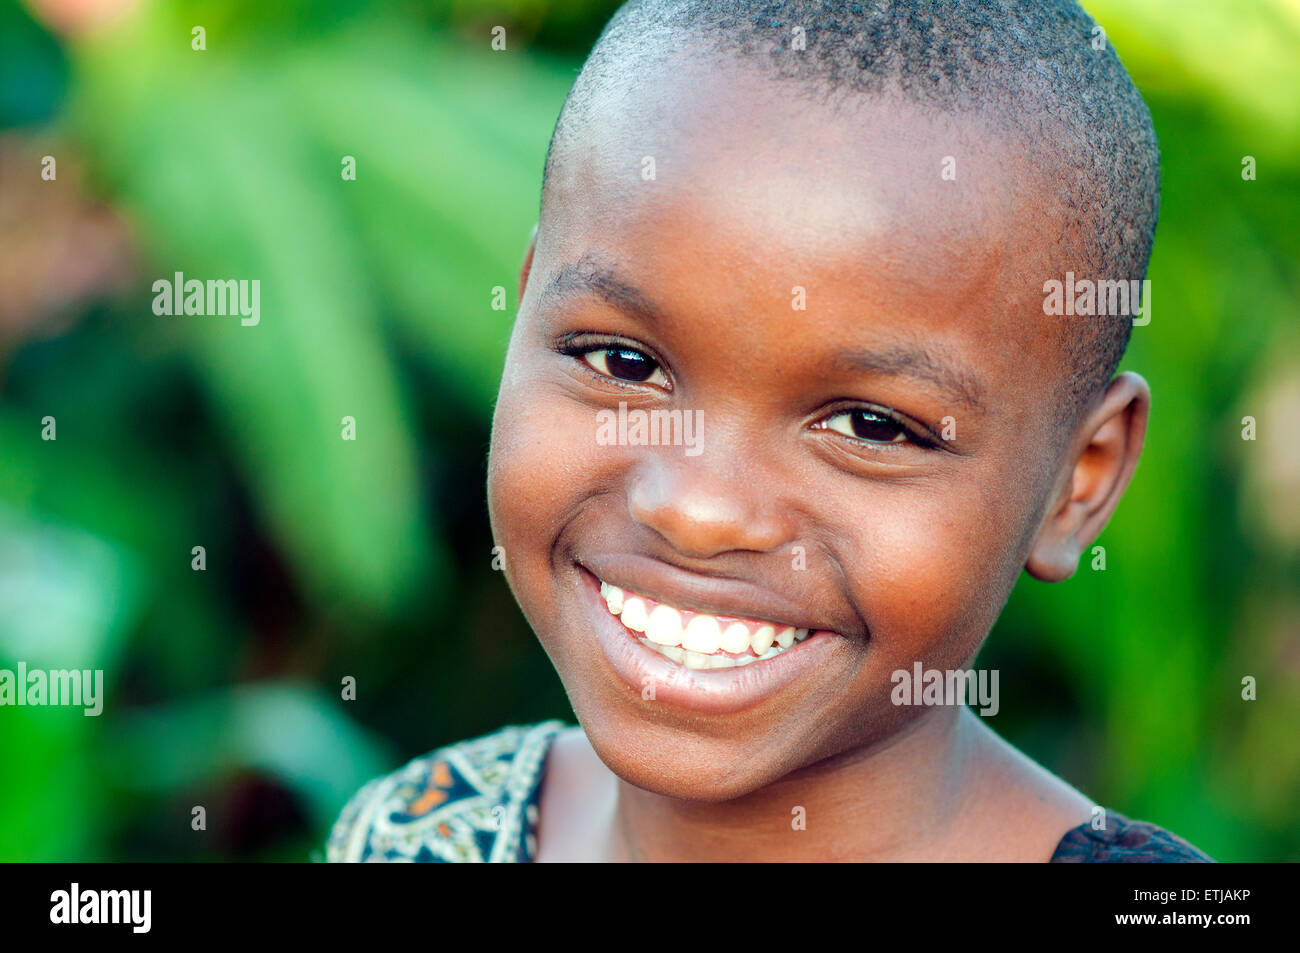 Young girl in southeastern suburb, Kigali, Rwanda - Stock Image